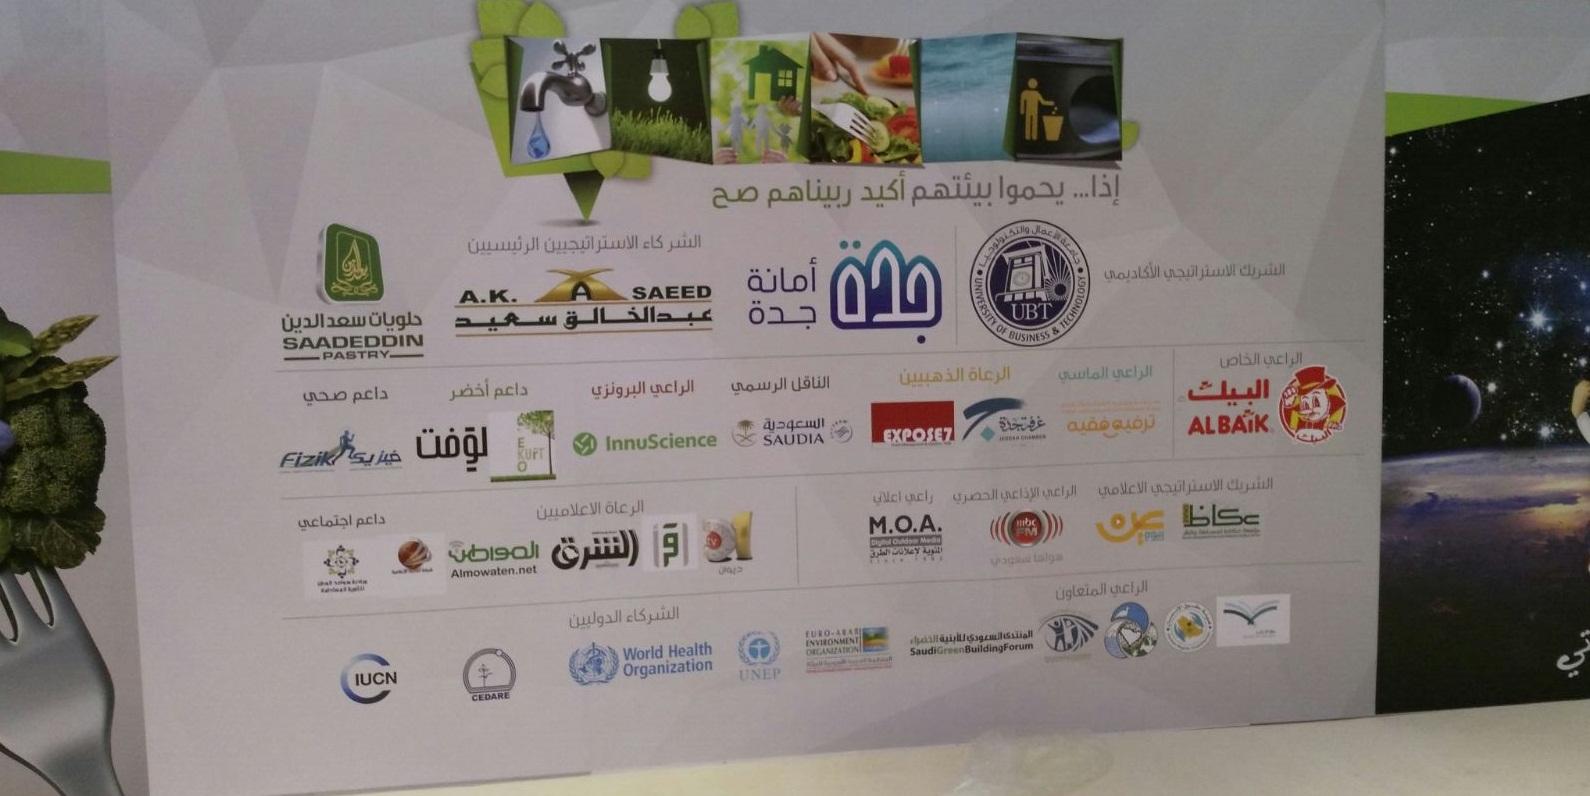 أكبر حدث بيئي بالشرق الأوسط يواصل فعالياته ويستقطب جهات داعمة - المواطن